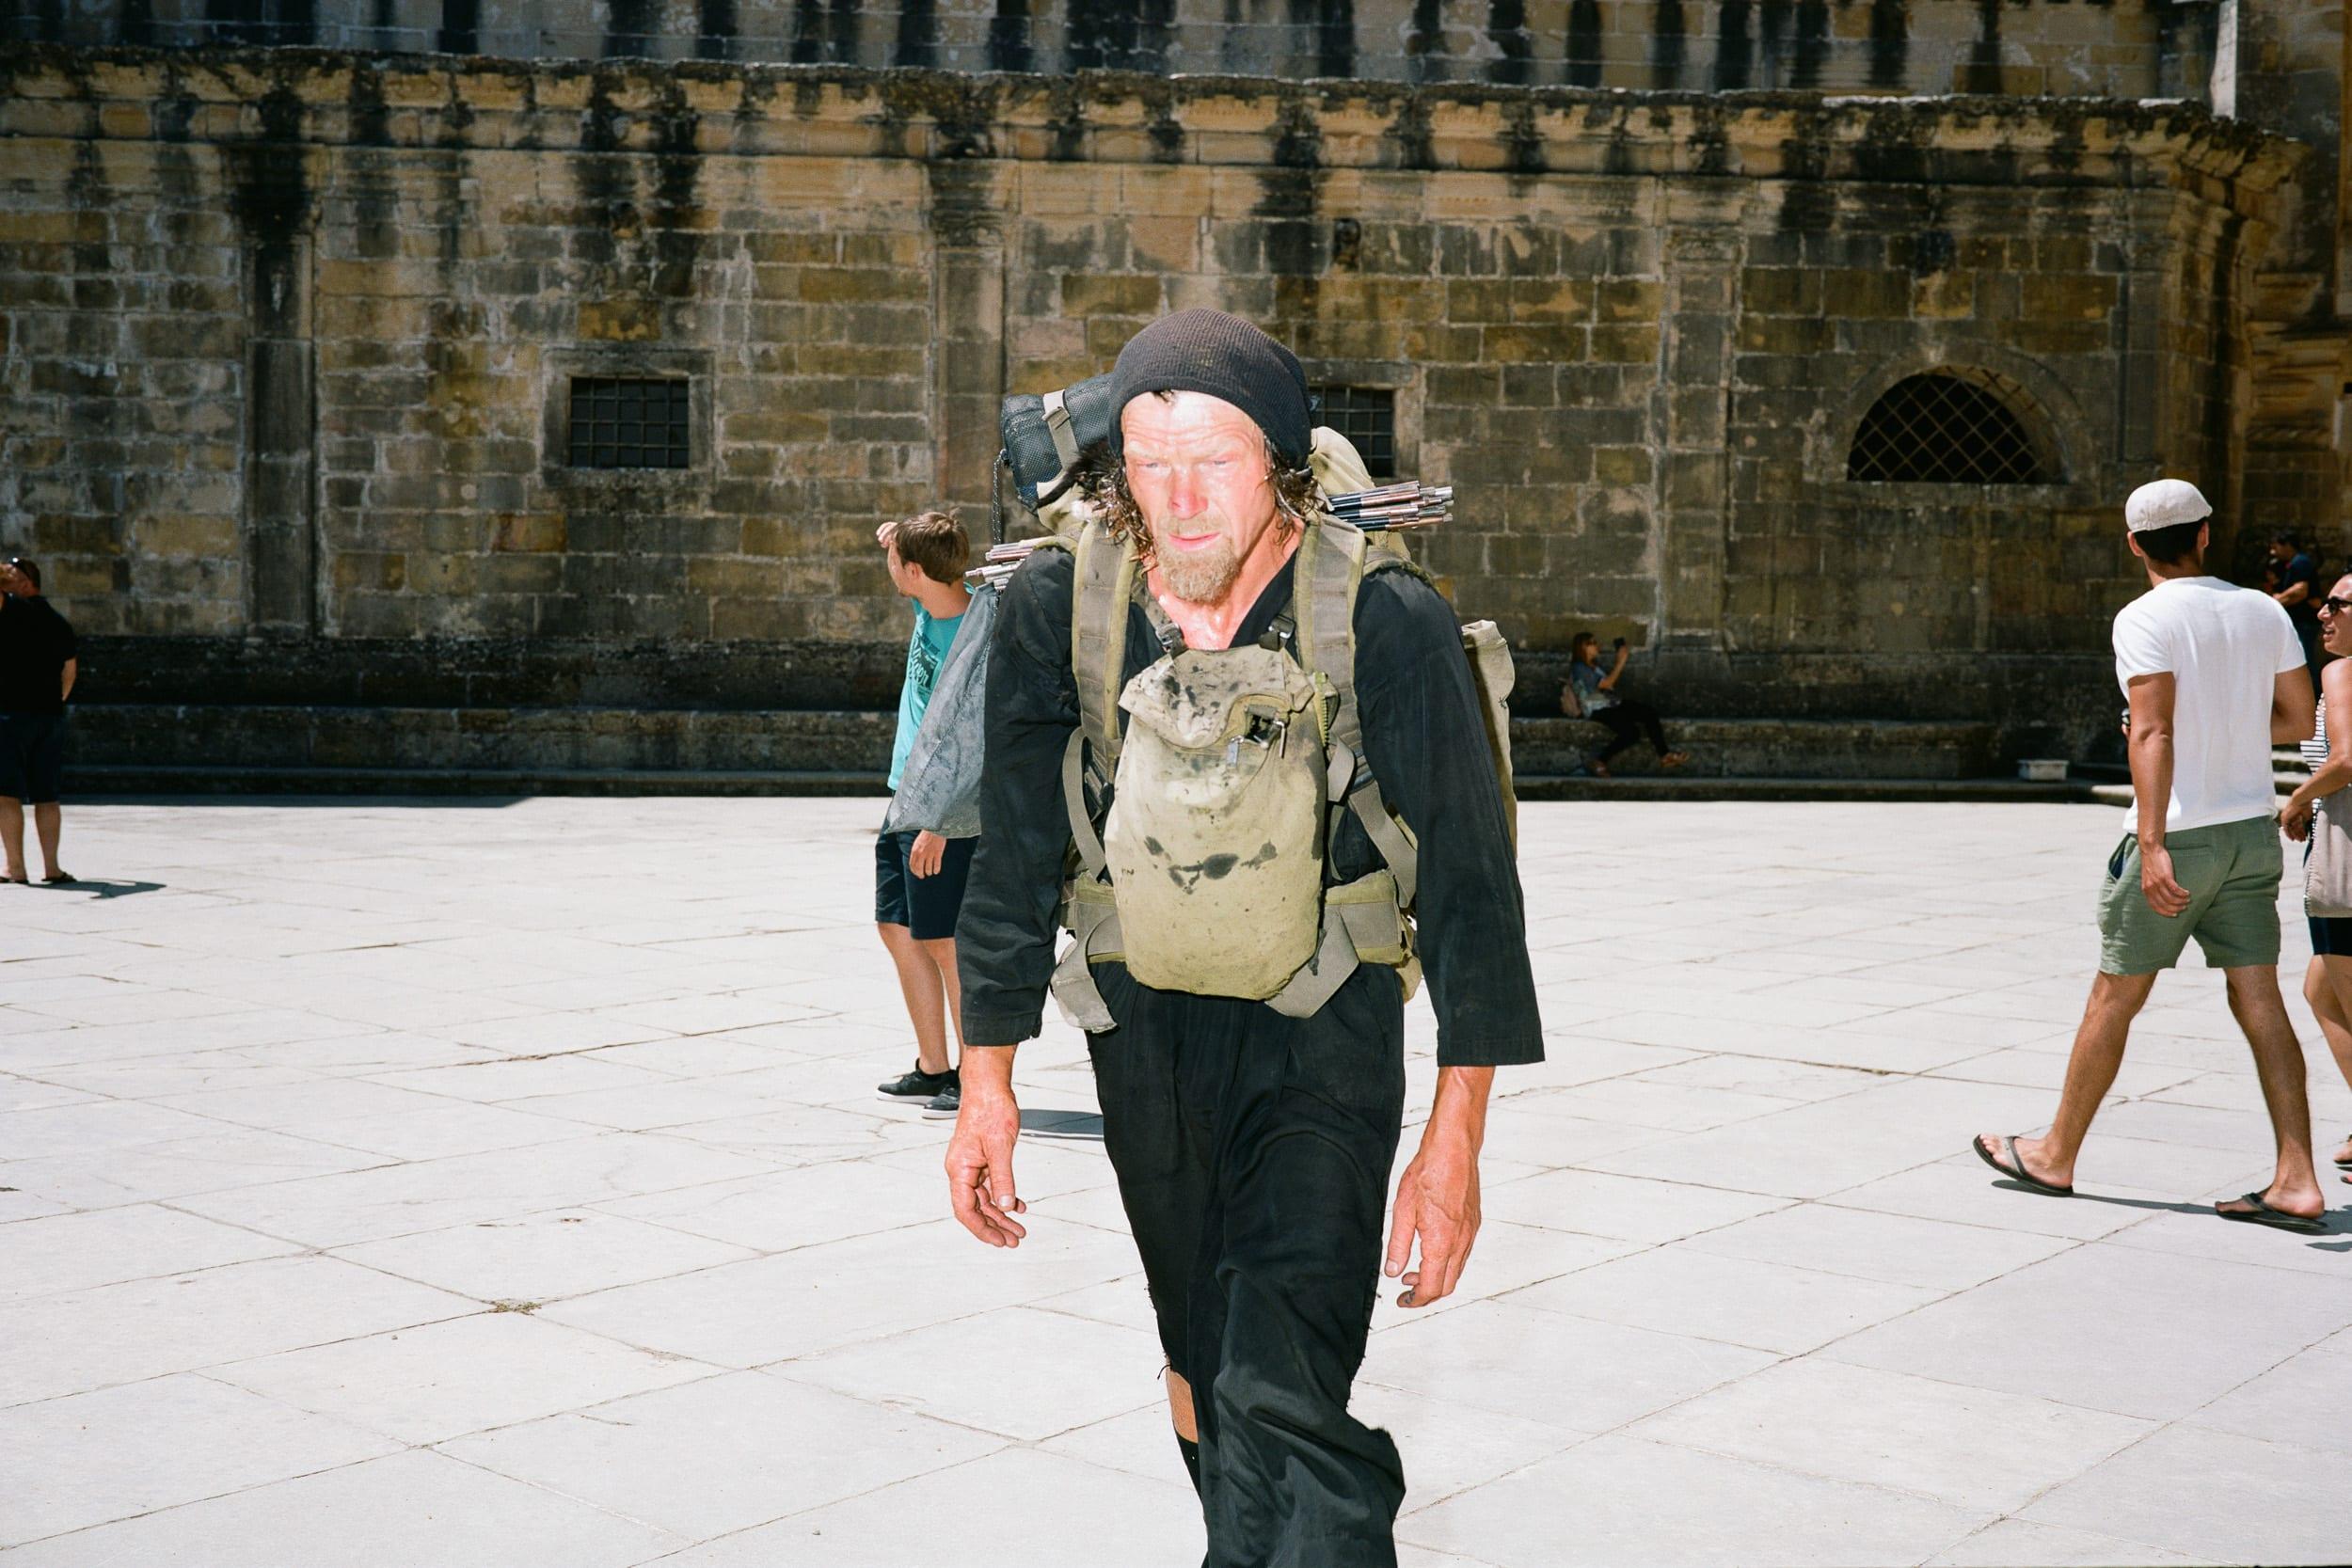 Moes/Gabriel, Convento del Christo, Tomar, Portugal - August 2019 - fotografiert von Stefan Hähnel